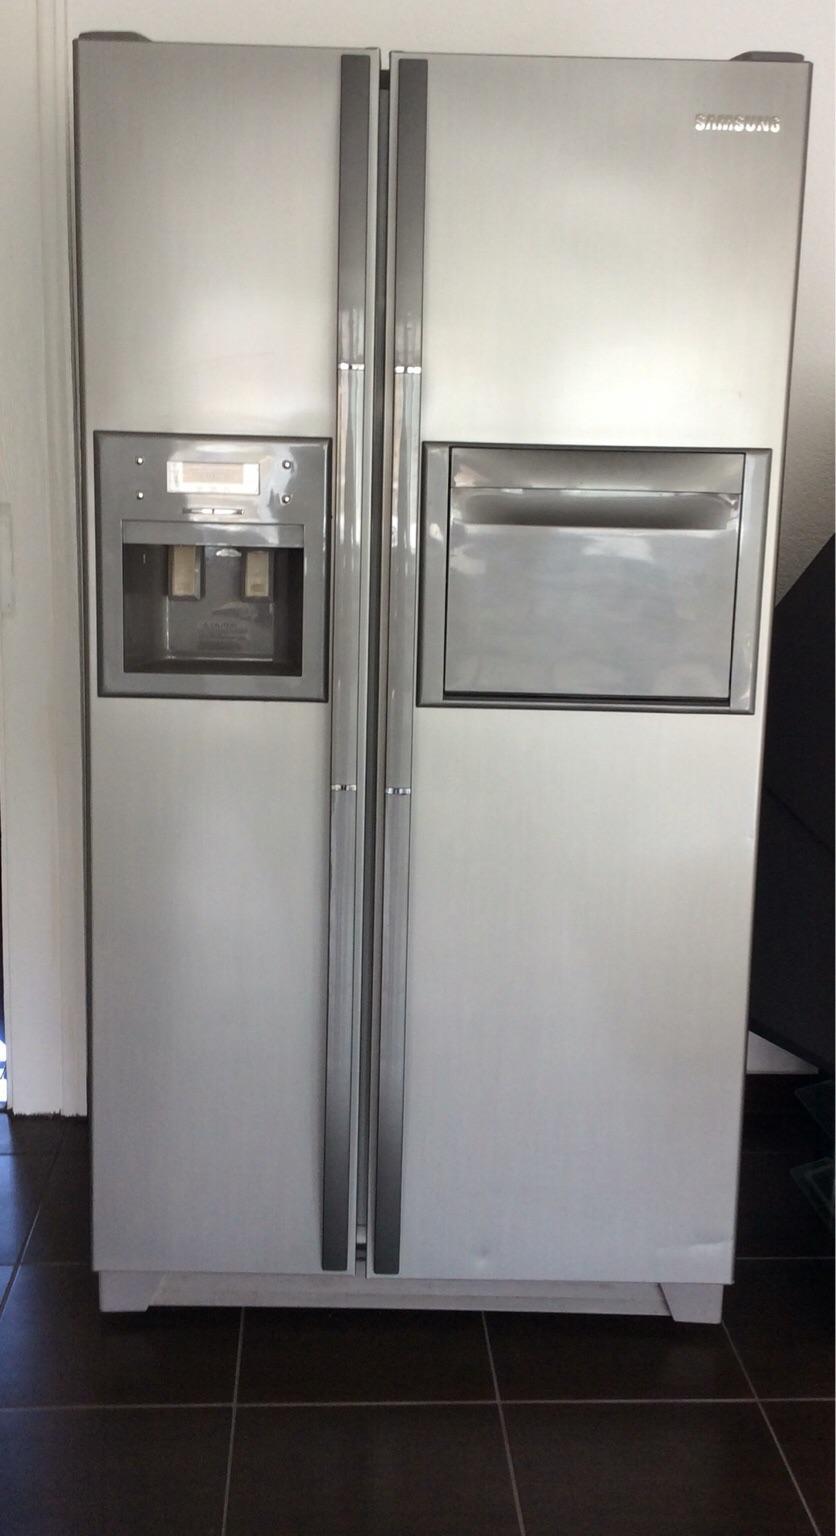 Samsung Amerikanischer Kühlschrank Kühlt Nicht Mehr : Gebraucht samsung side by side sr s css kühlschrank in